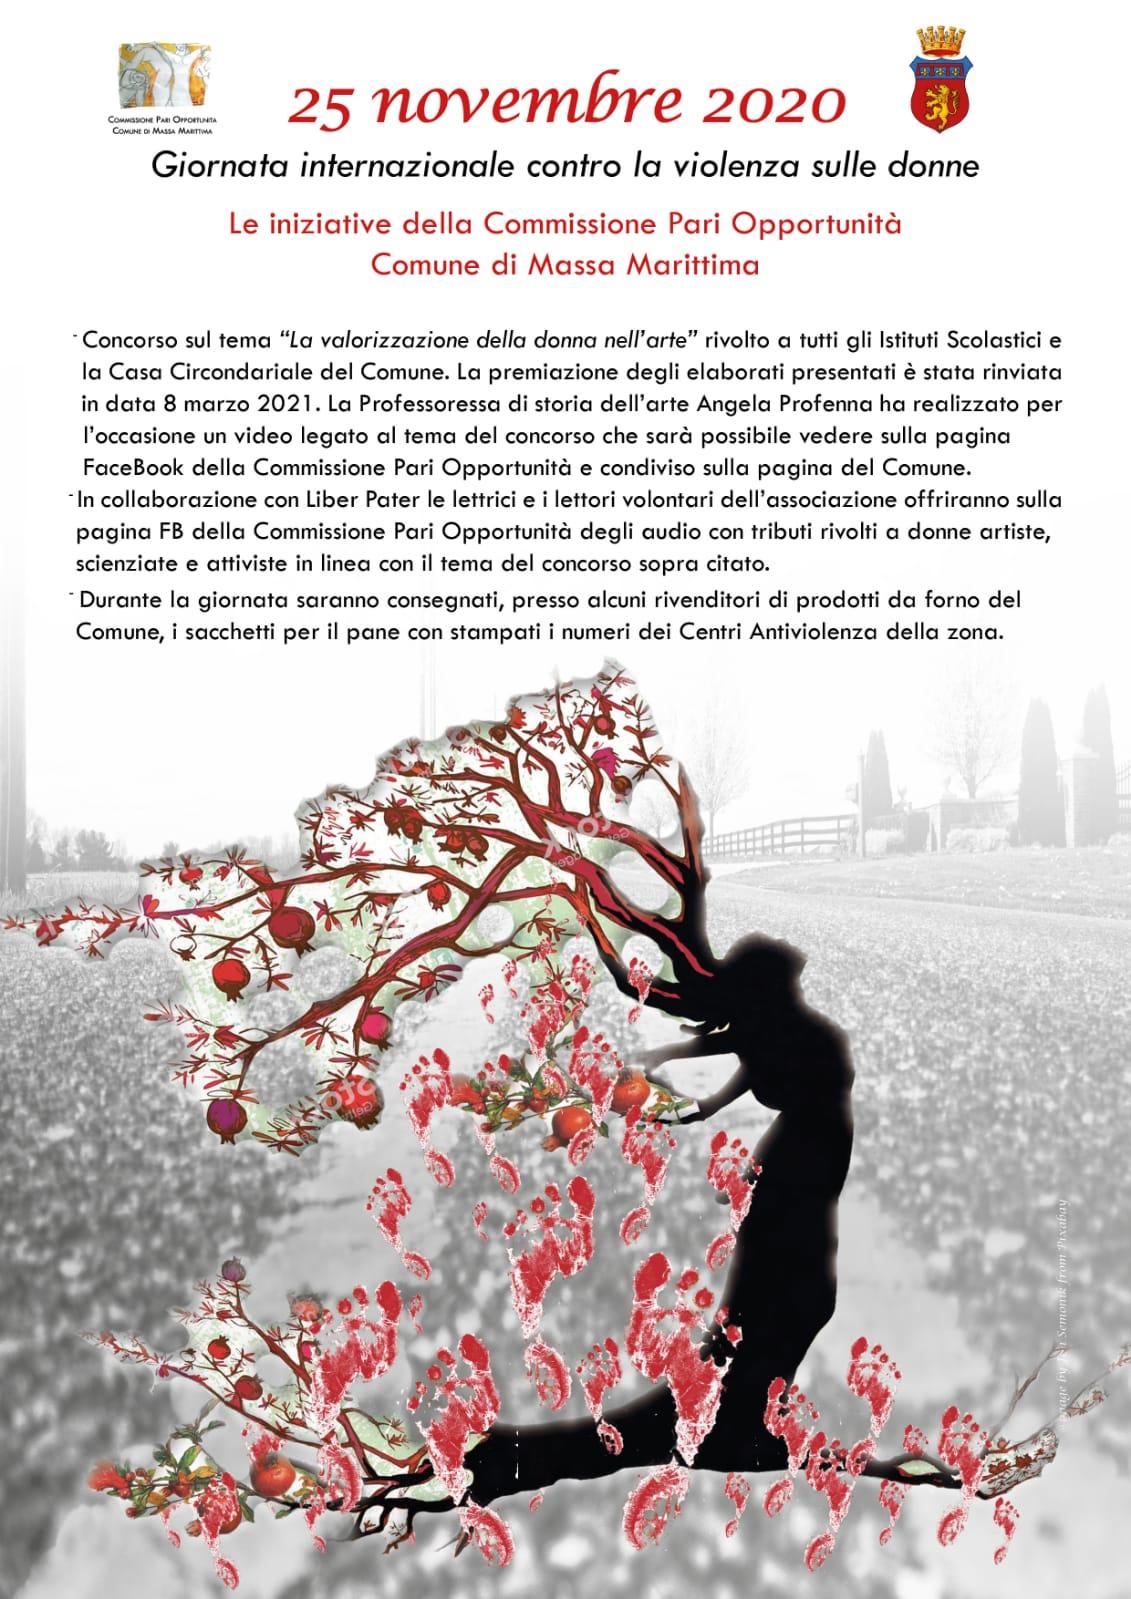 vepf0emki187wm https www grossetosport com 23 11 2020 massa marittima gli eventi per la giornata internazionale contro la violenza sulle donne del 25 novembre 178010